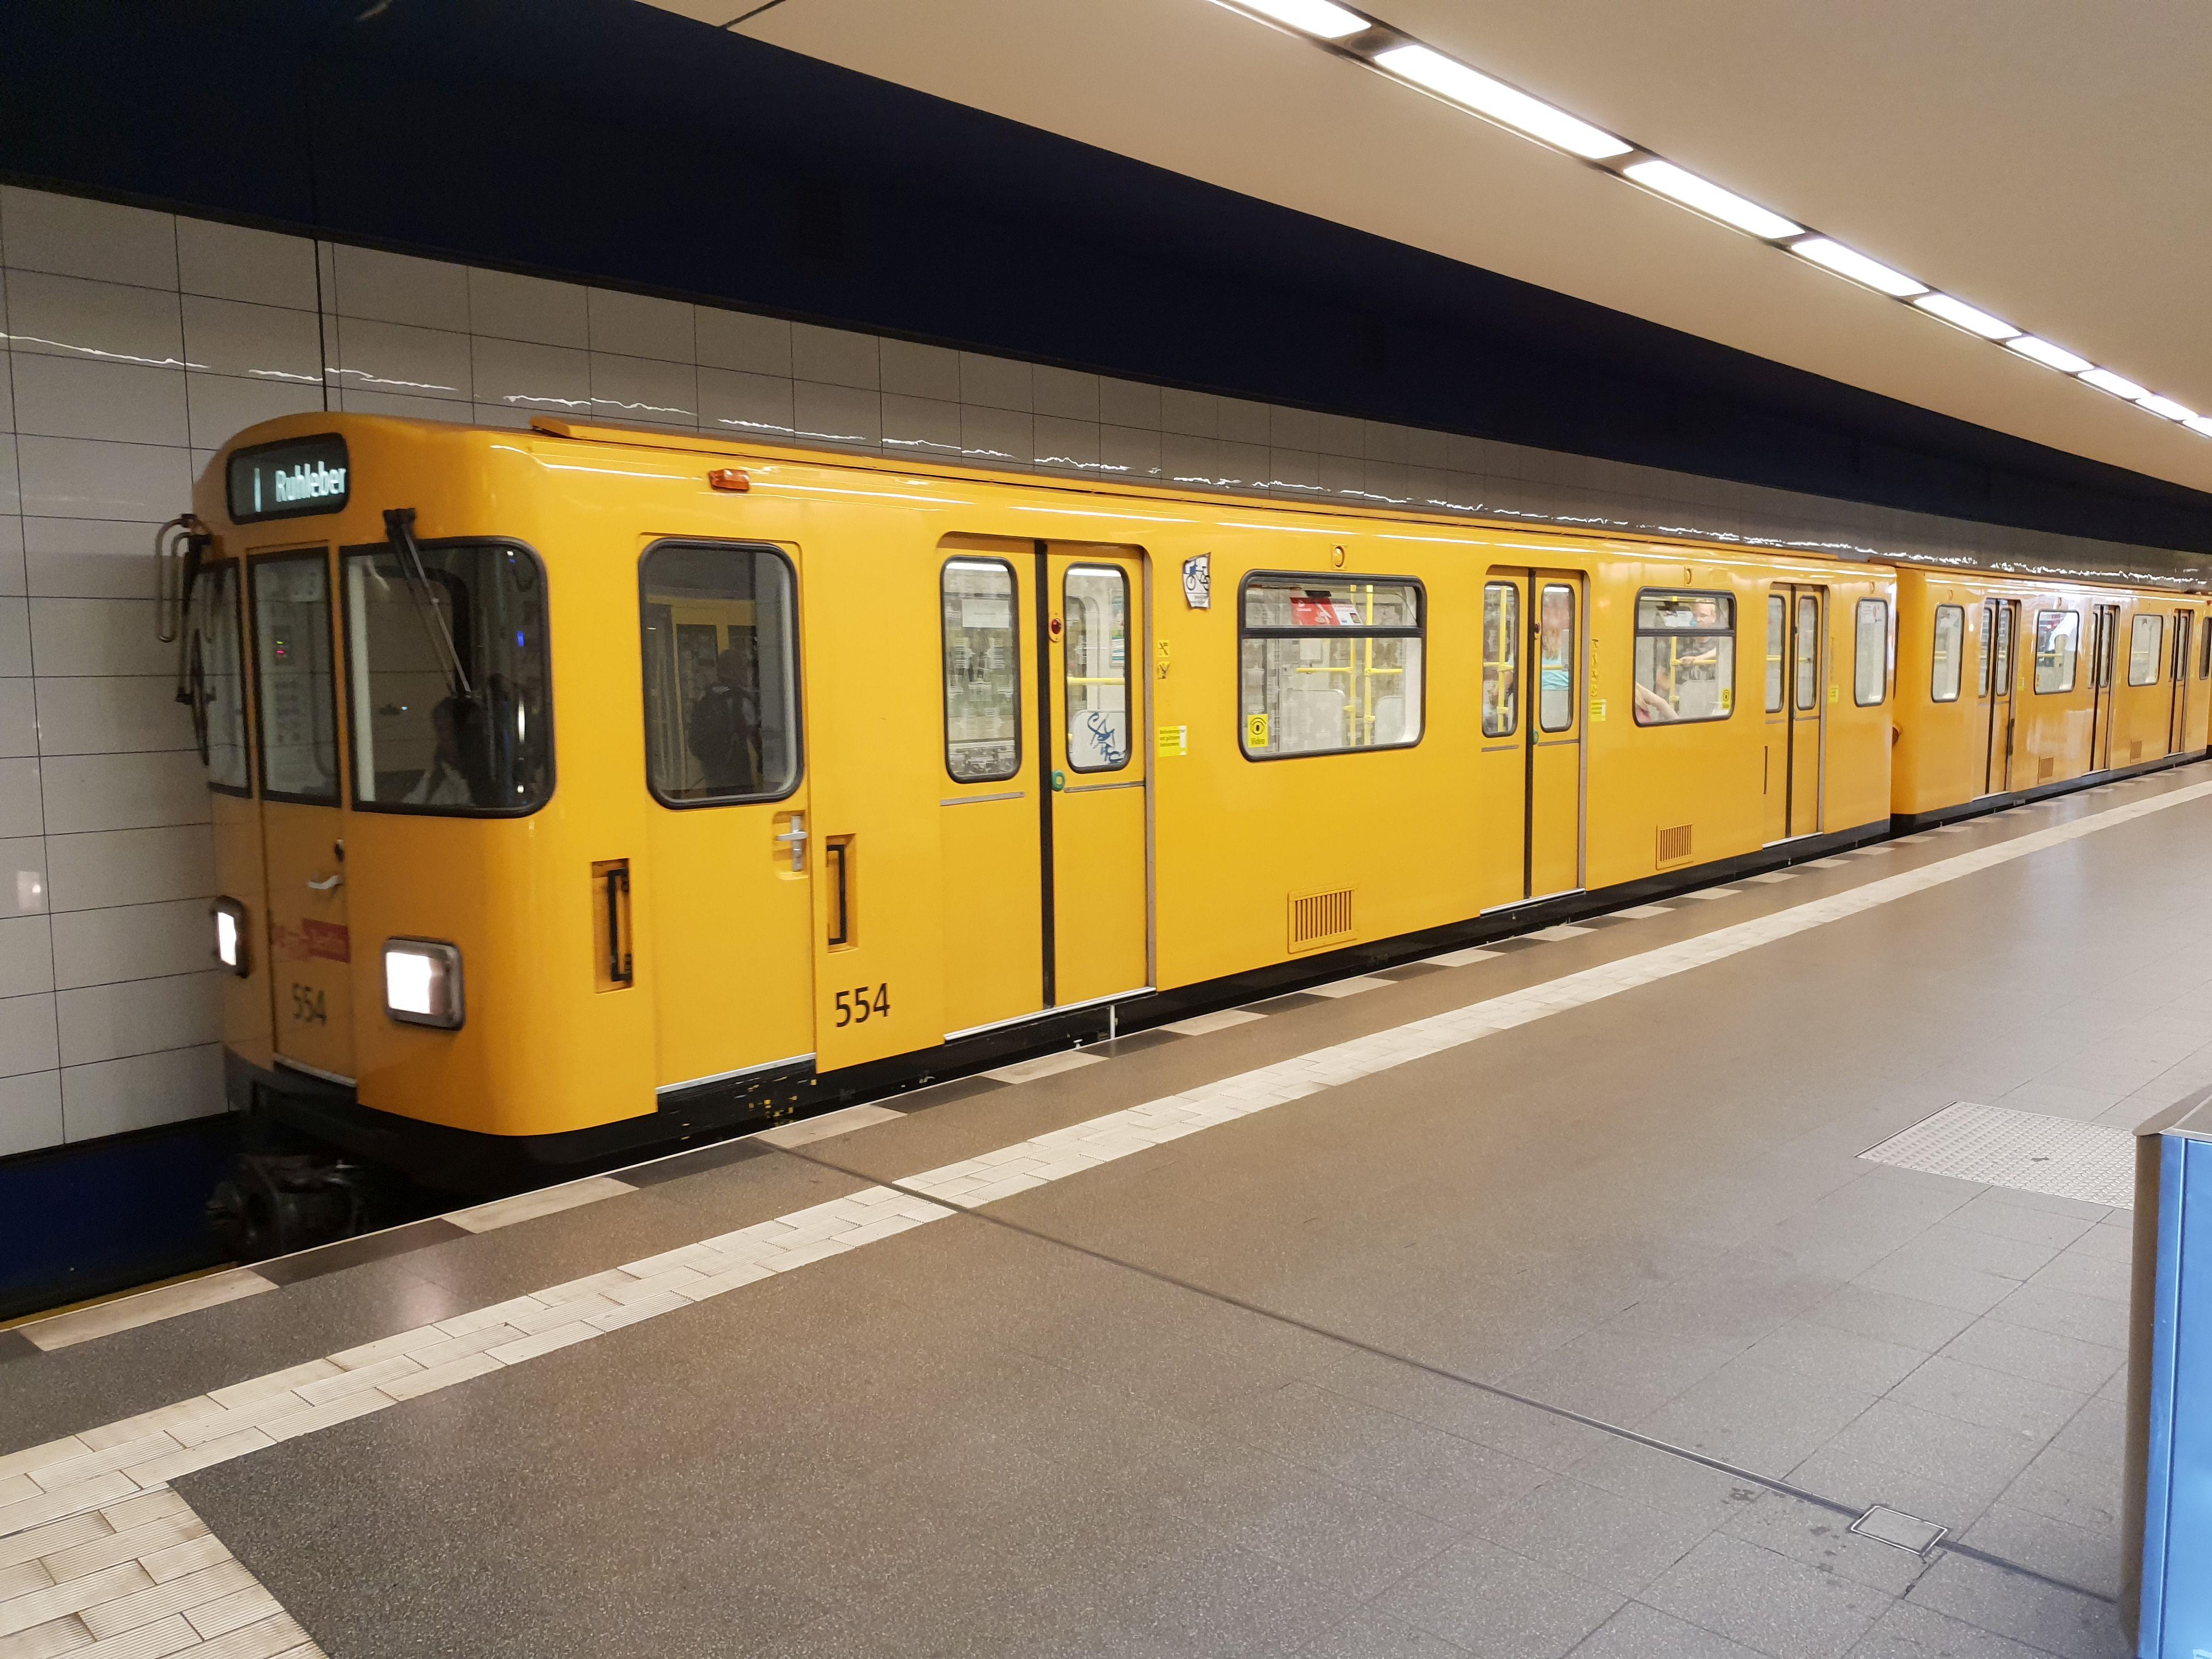 U-Bahn 554, Baureihe A3L, Berlin-Pankow, August 2018